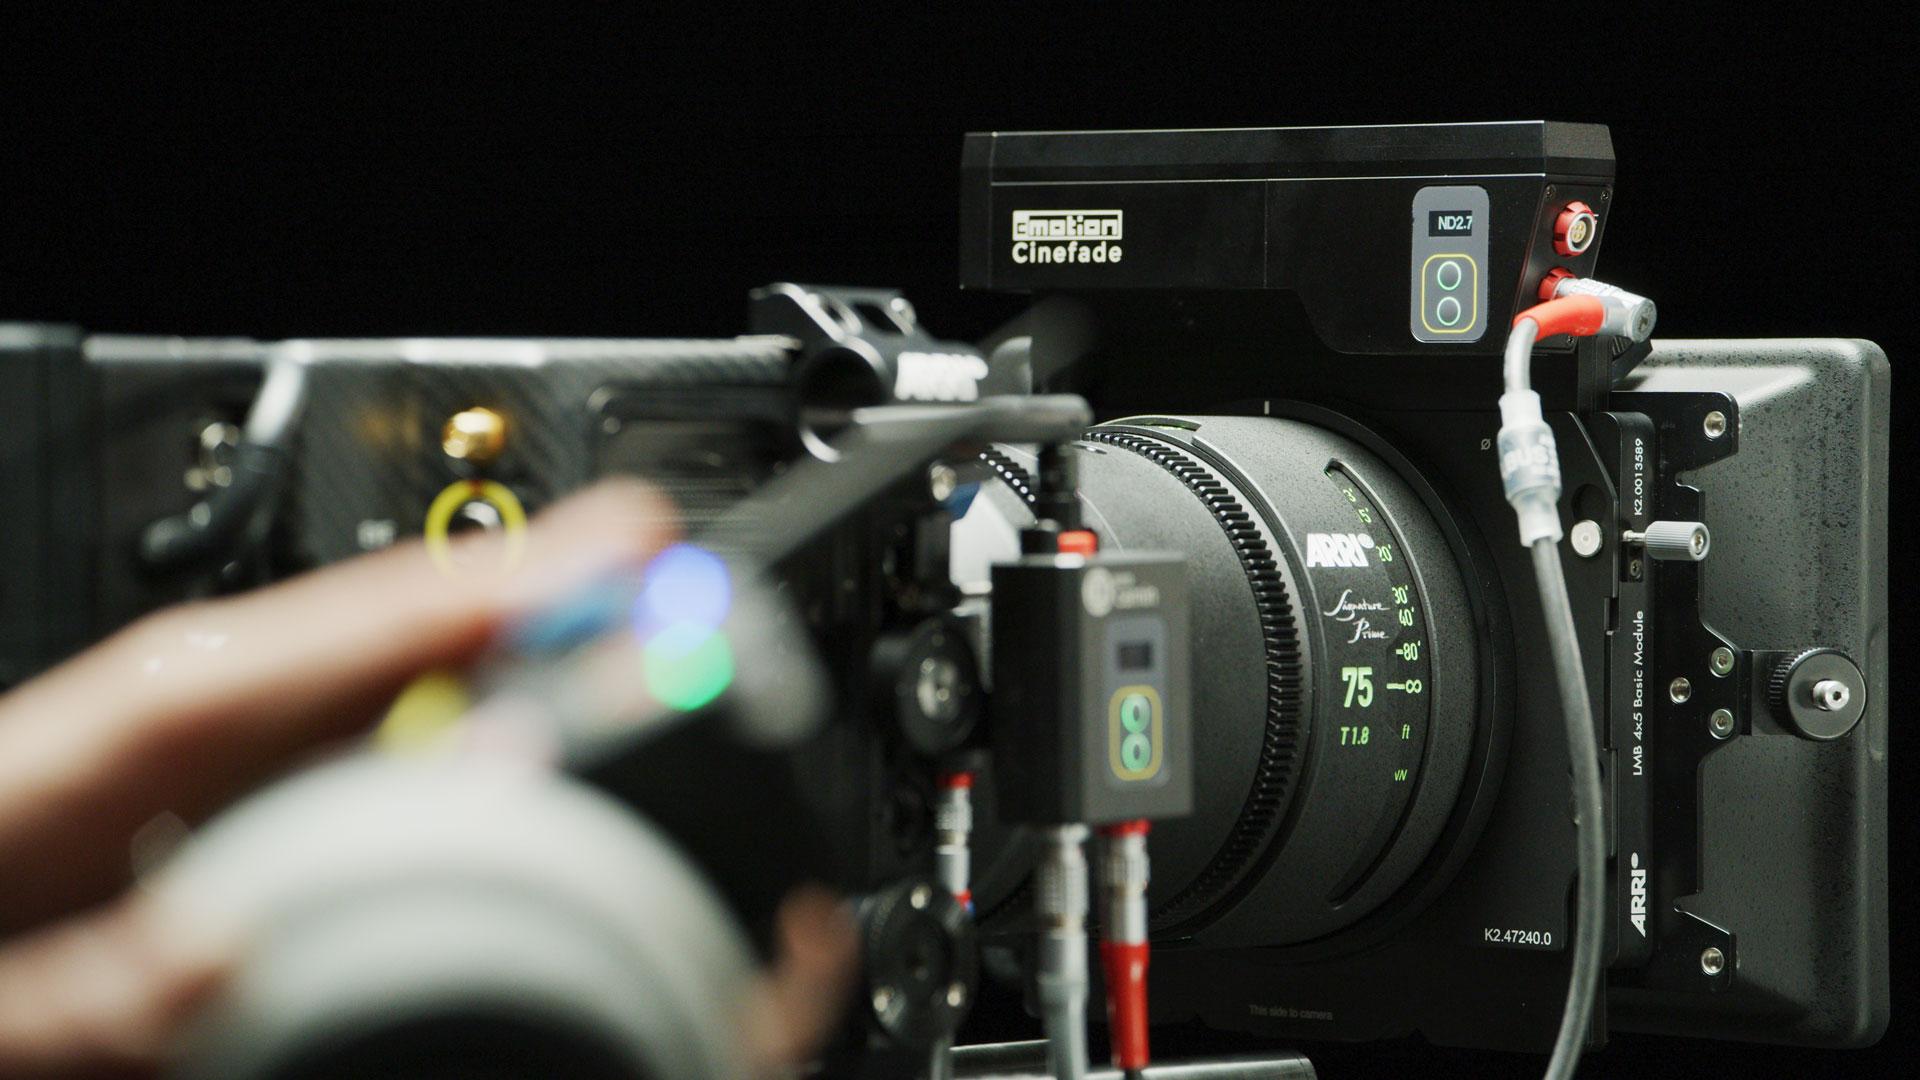 Sistema Cinefade VariND de cmotion ya está listo para la compra